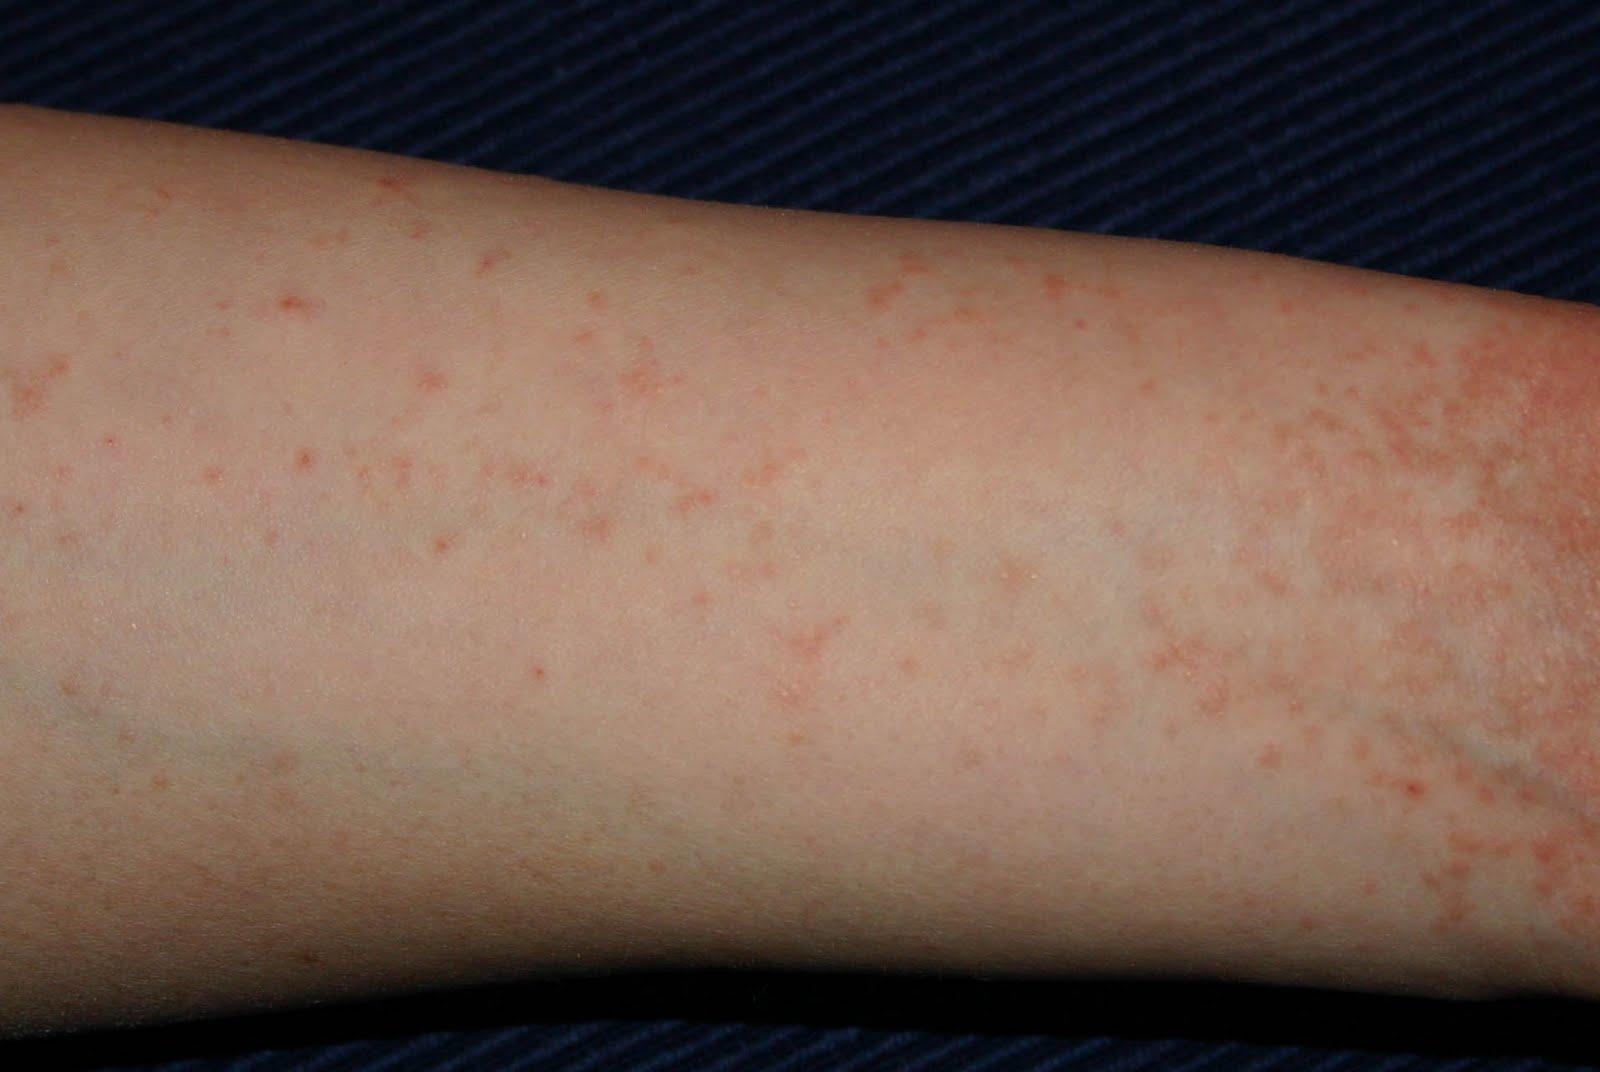 egy vörös folt jelent meg a karon a könyök közelében vörös foltok a bőrön hepatitis után